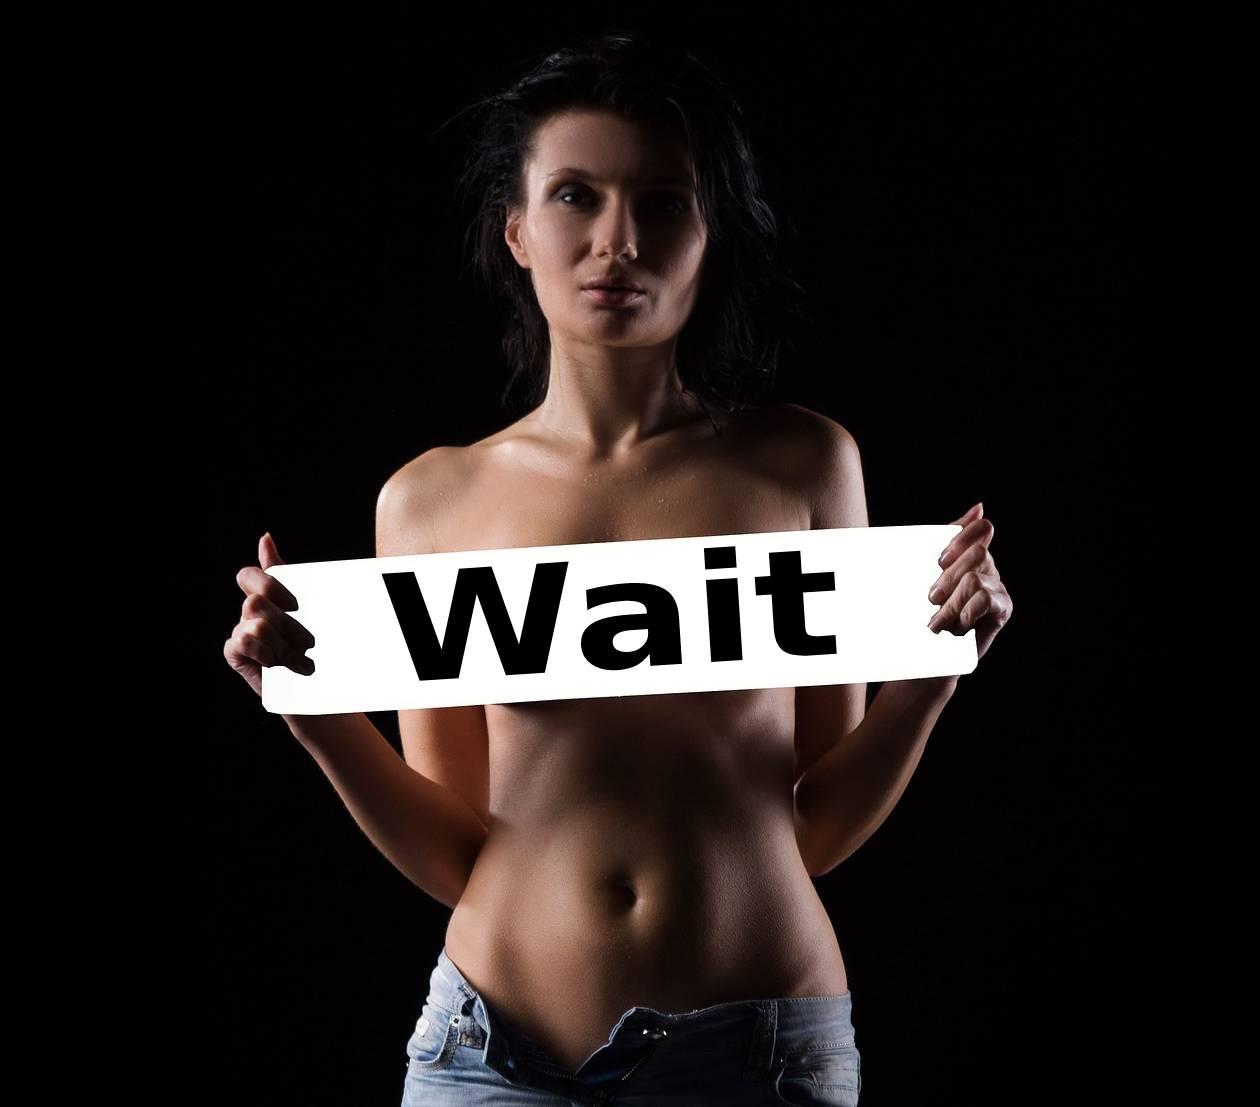 woman makes him wait for sex